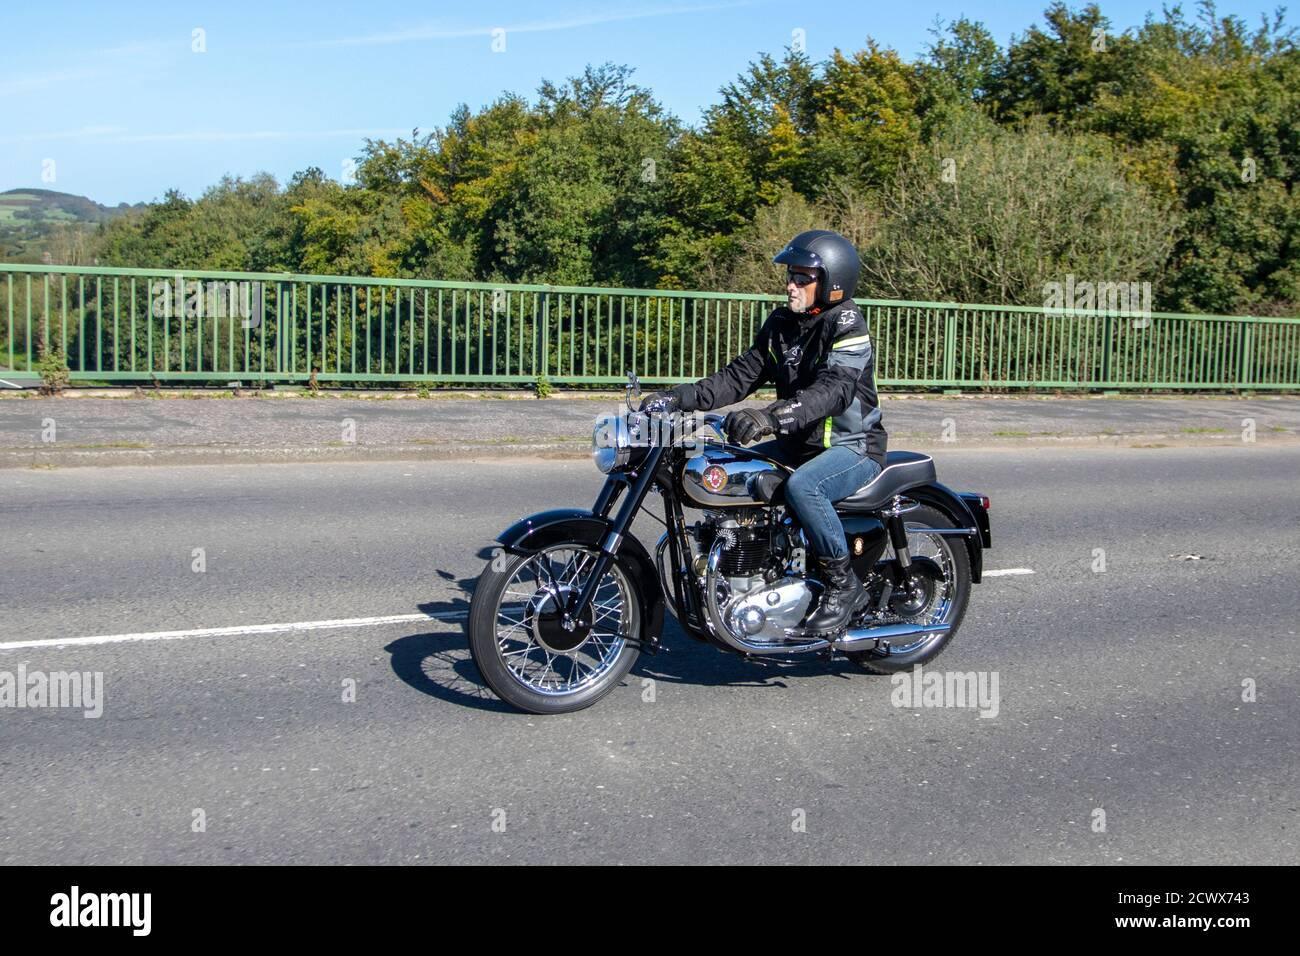 1958 650cc BSA goldenflash motociclista; dos ruedas de transporte, motocicletas, vehículos, carreteras, motocicletas, motociclistas motoristas en Chorley, Reino Unido Foto de stock